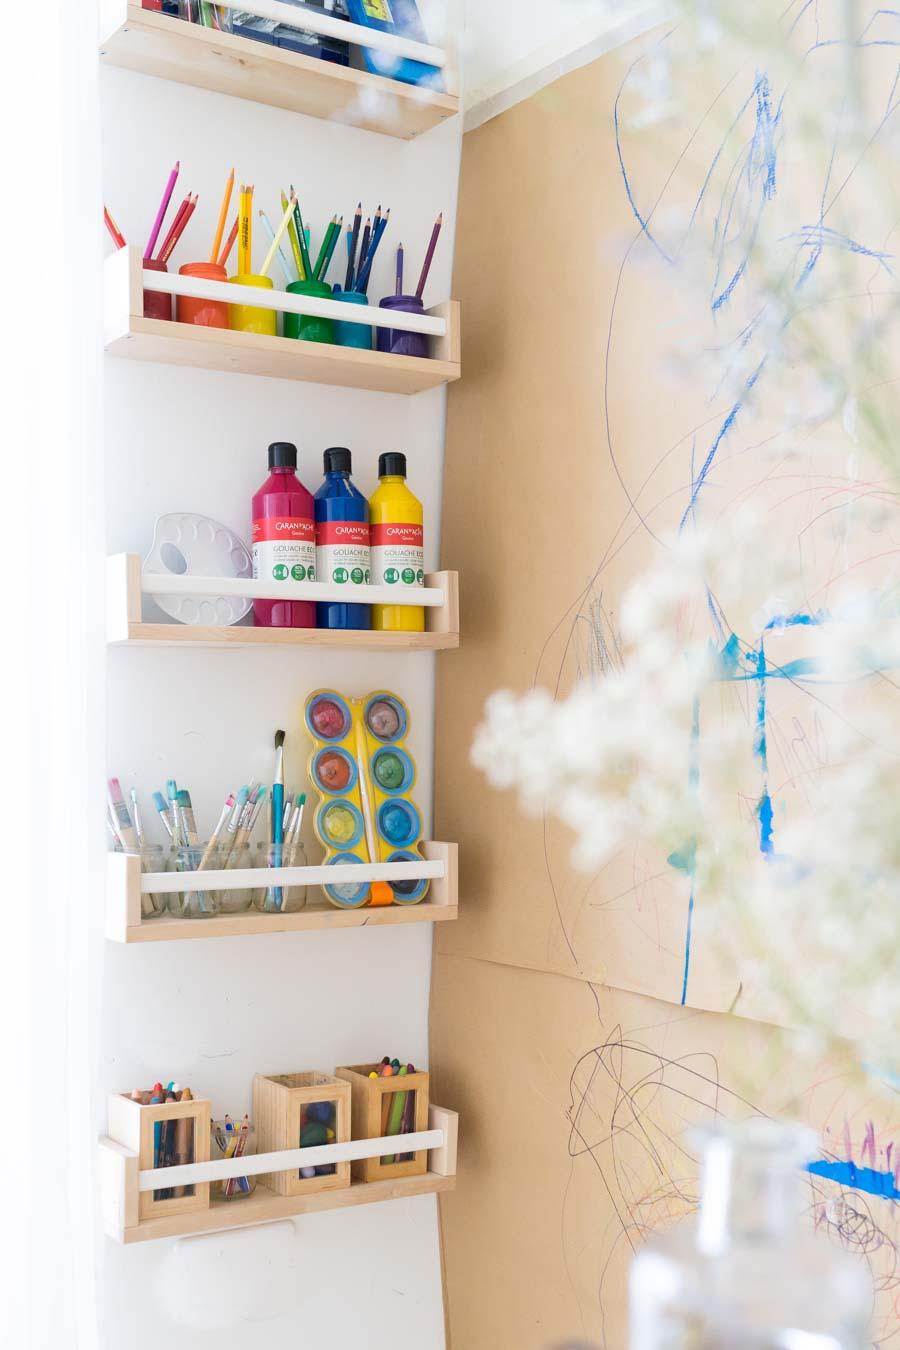 AuBergewohnlich Malen Im Stehen: Unsere Malwand Und Kreativecke Für Kinder. Mit Einem  IKEA Hack